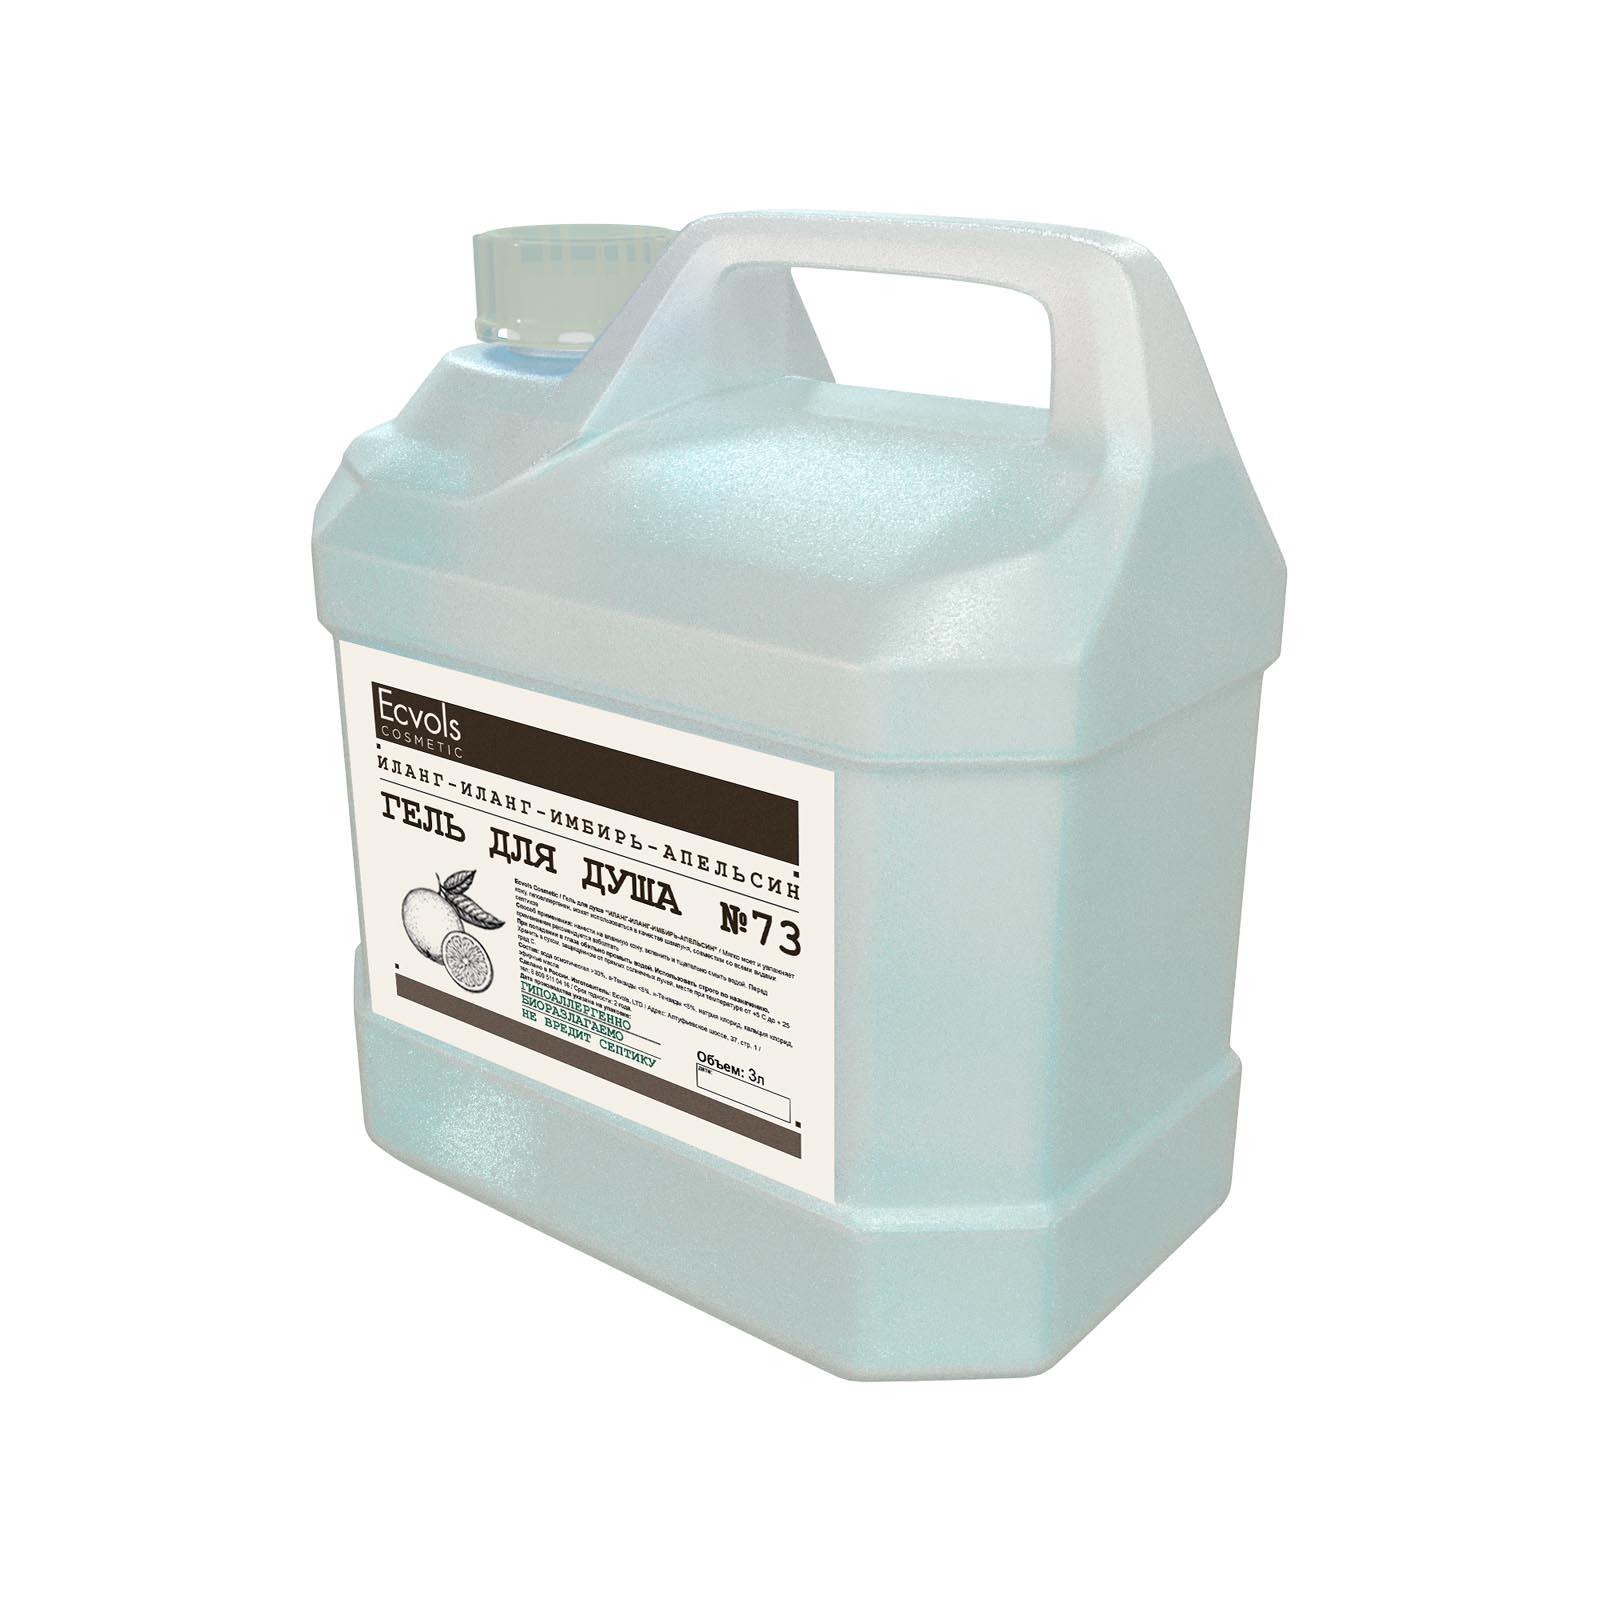 Купить Гель для душа Ecvols с запахом иланг-иланг имбирь и апельсин с эффектом без слез 3 л